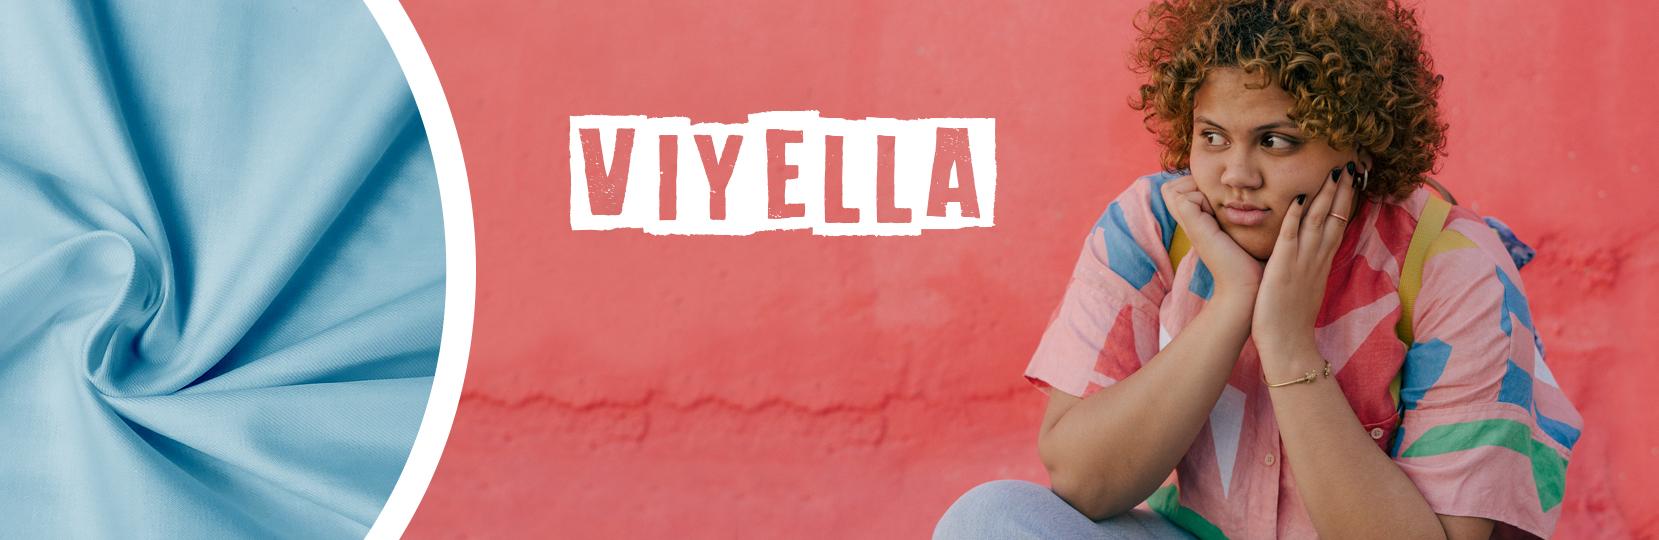 TELAS DE VIYELLA